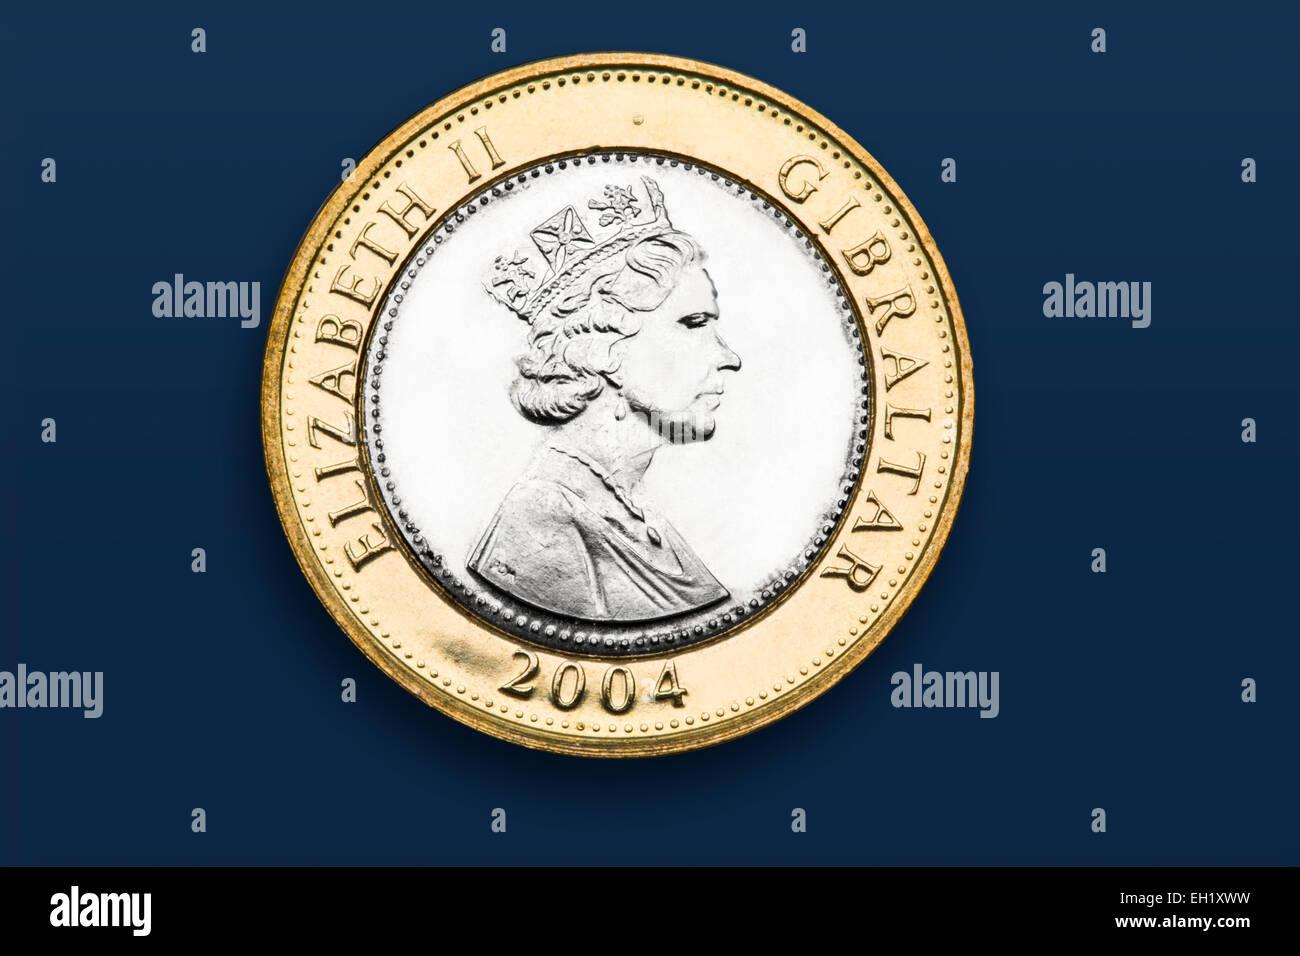 Gibraltar 2 Pfund Münze Stockfoto Bild 79333685 Alamy